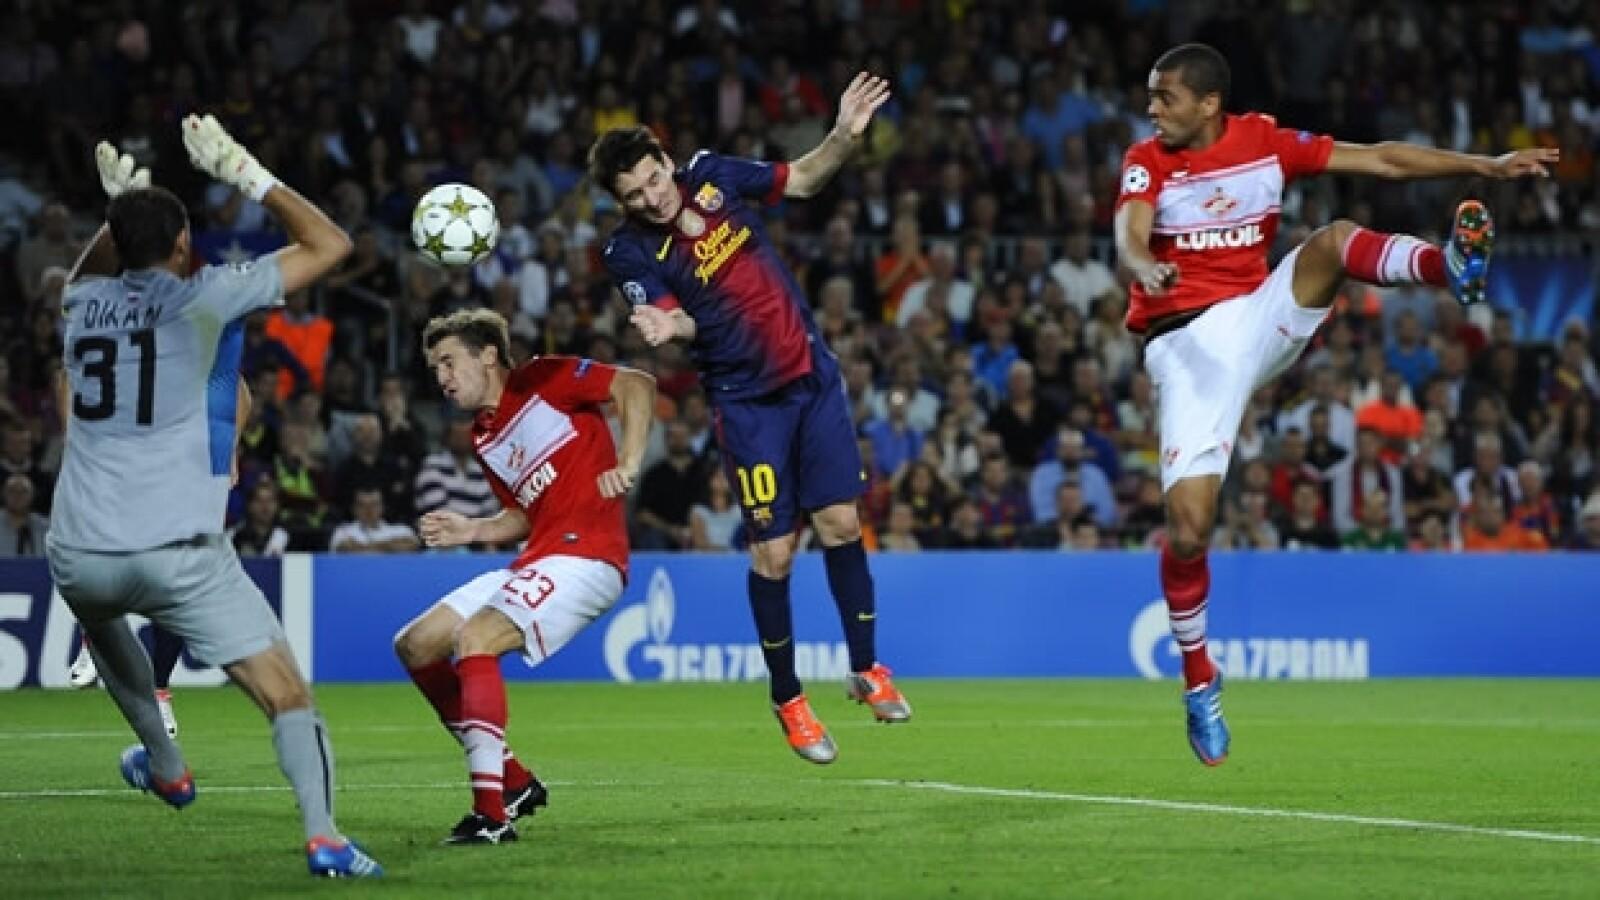 Barcelona vs. Spartak Moscú 2